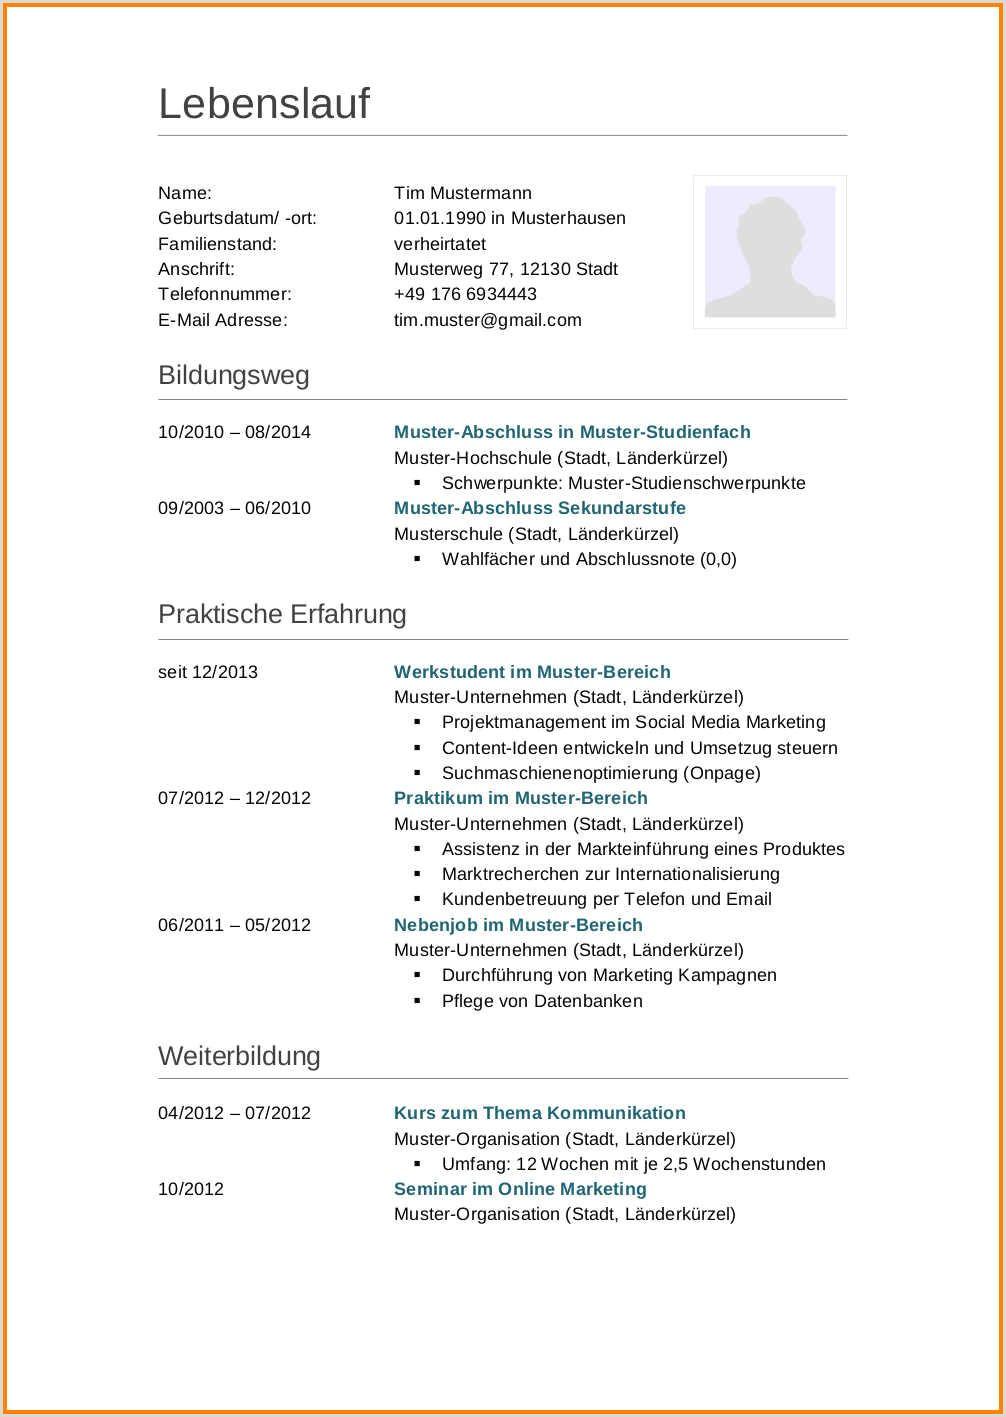 Lebenslauf Muster Hochschule 13 Kommerzielle Lkw Fahrer Lebenslauf Probe